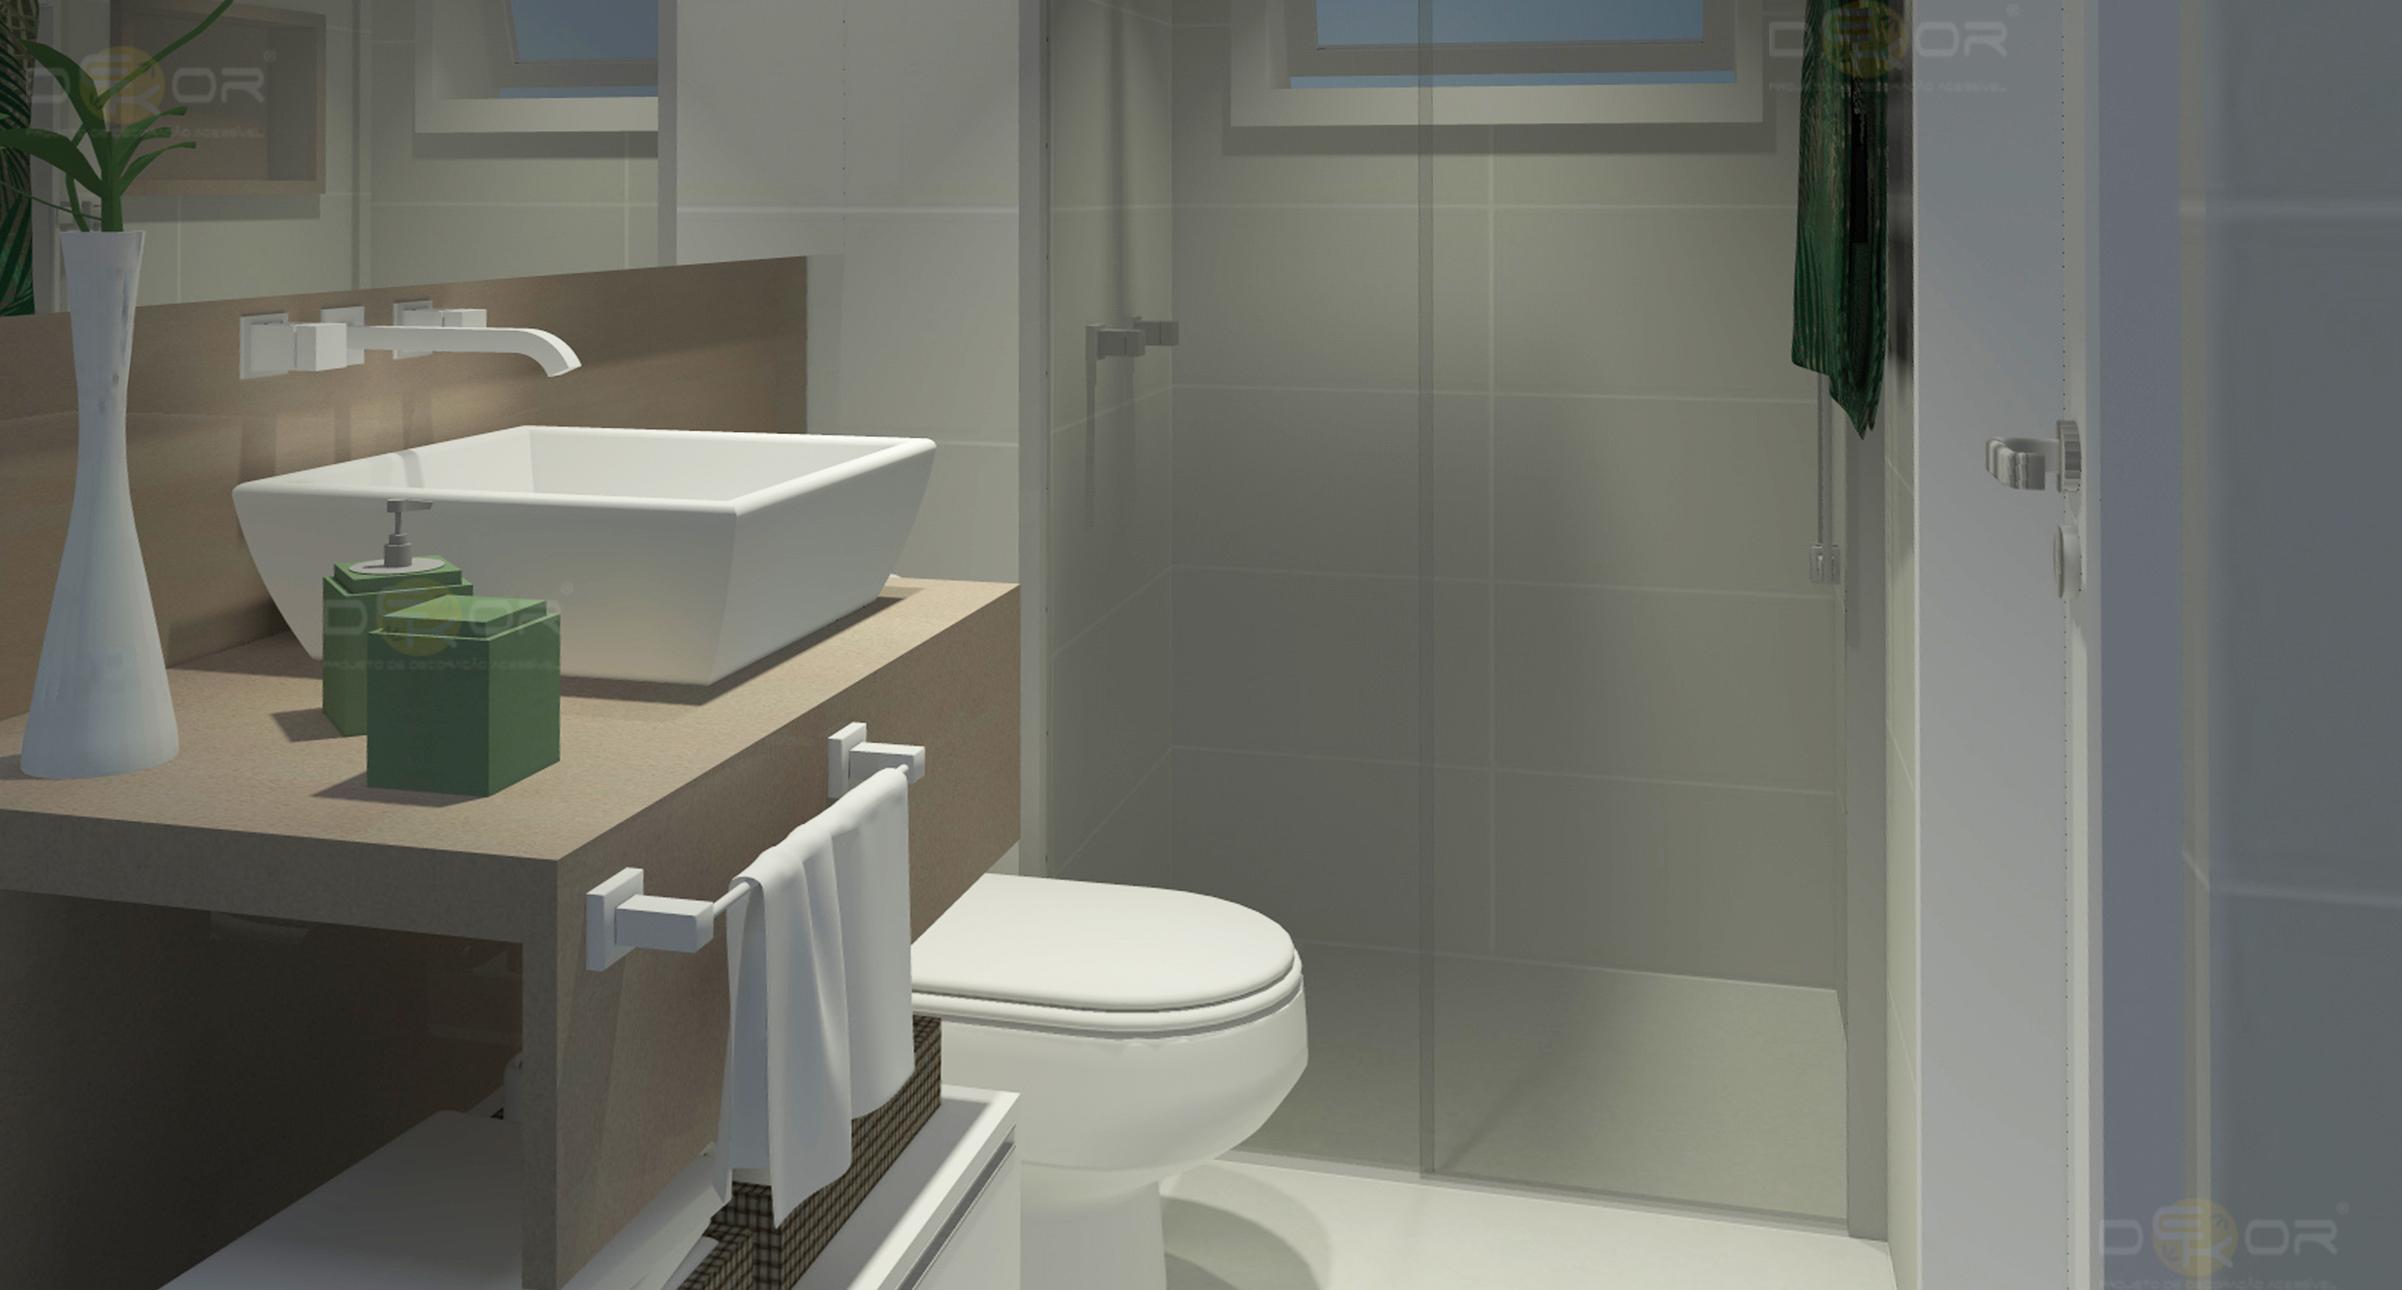 05/03/2014 2402 × 1290 Projeto de Banheiro – Decoração Online #22 #786D53 2402x1290 Armario Banheiro Projeto